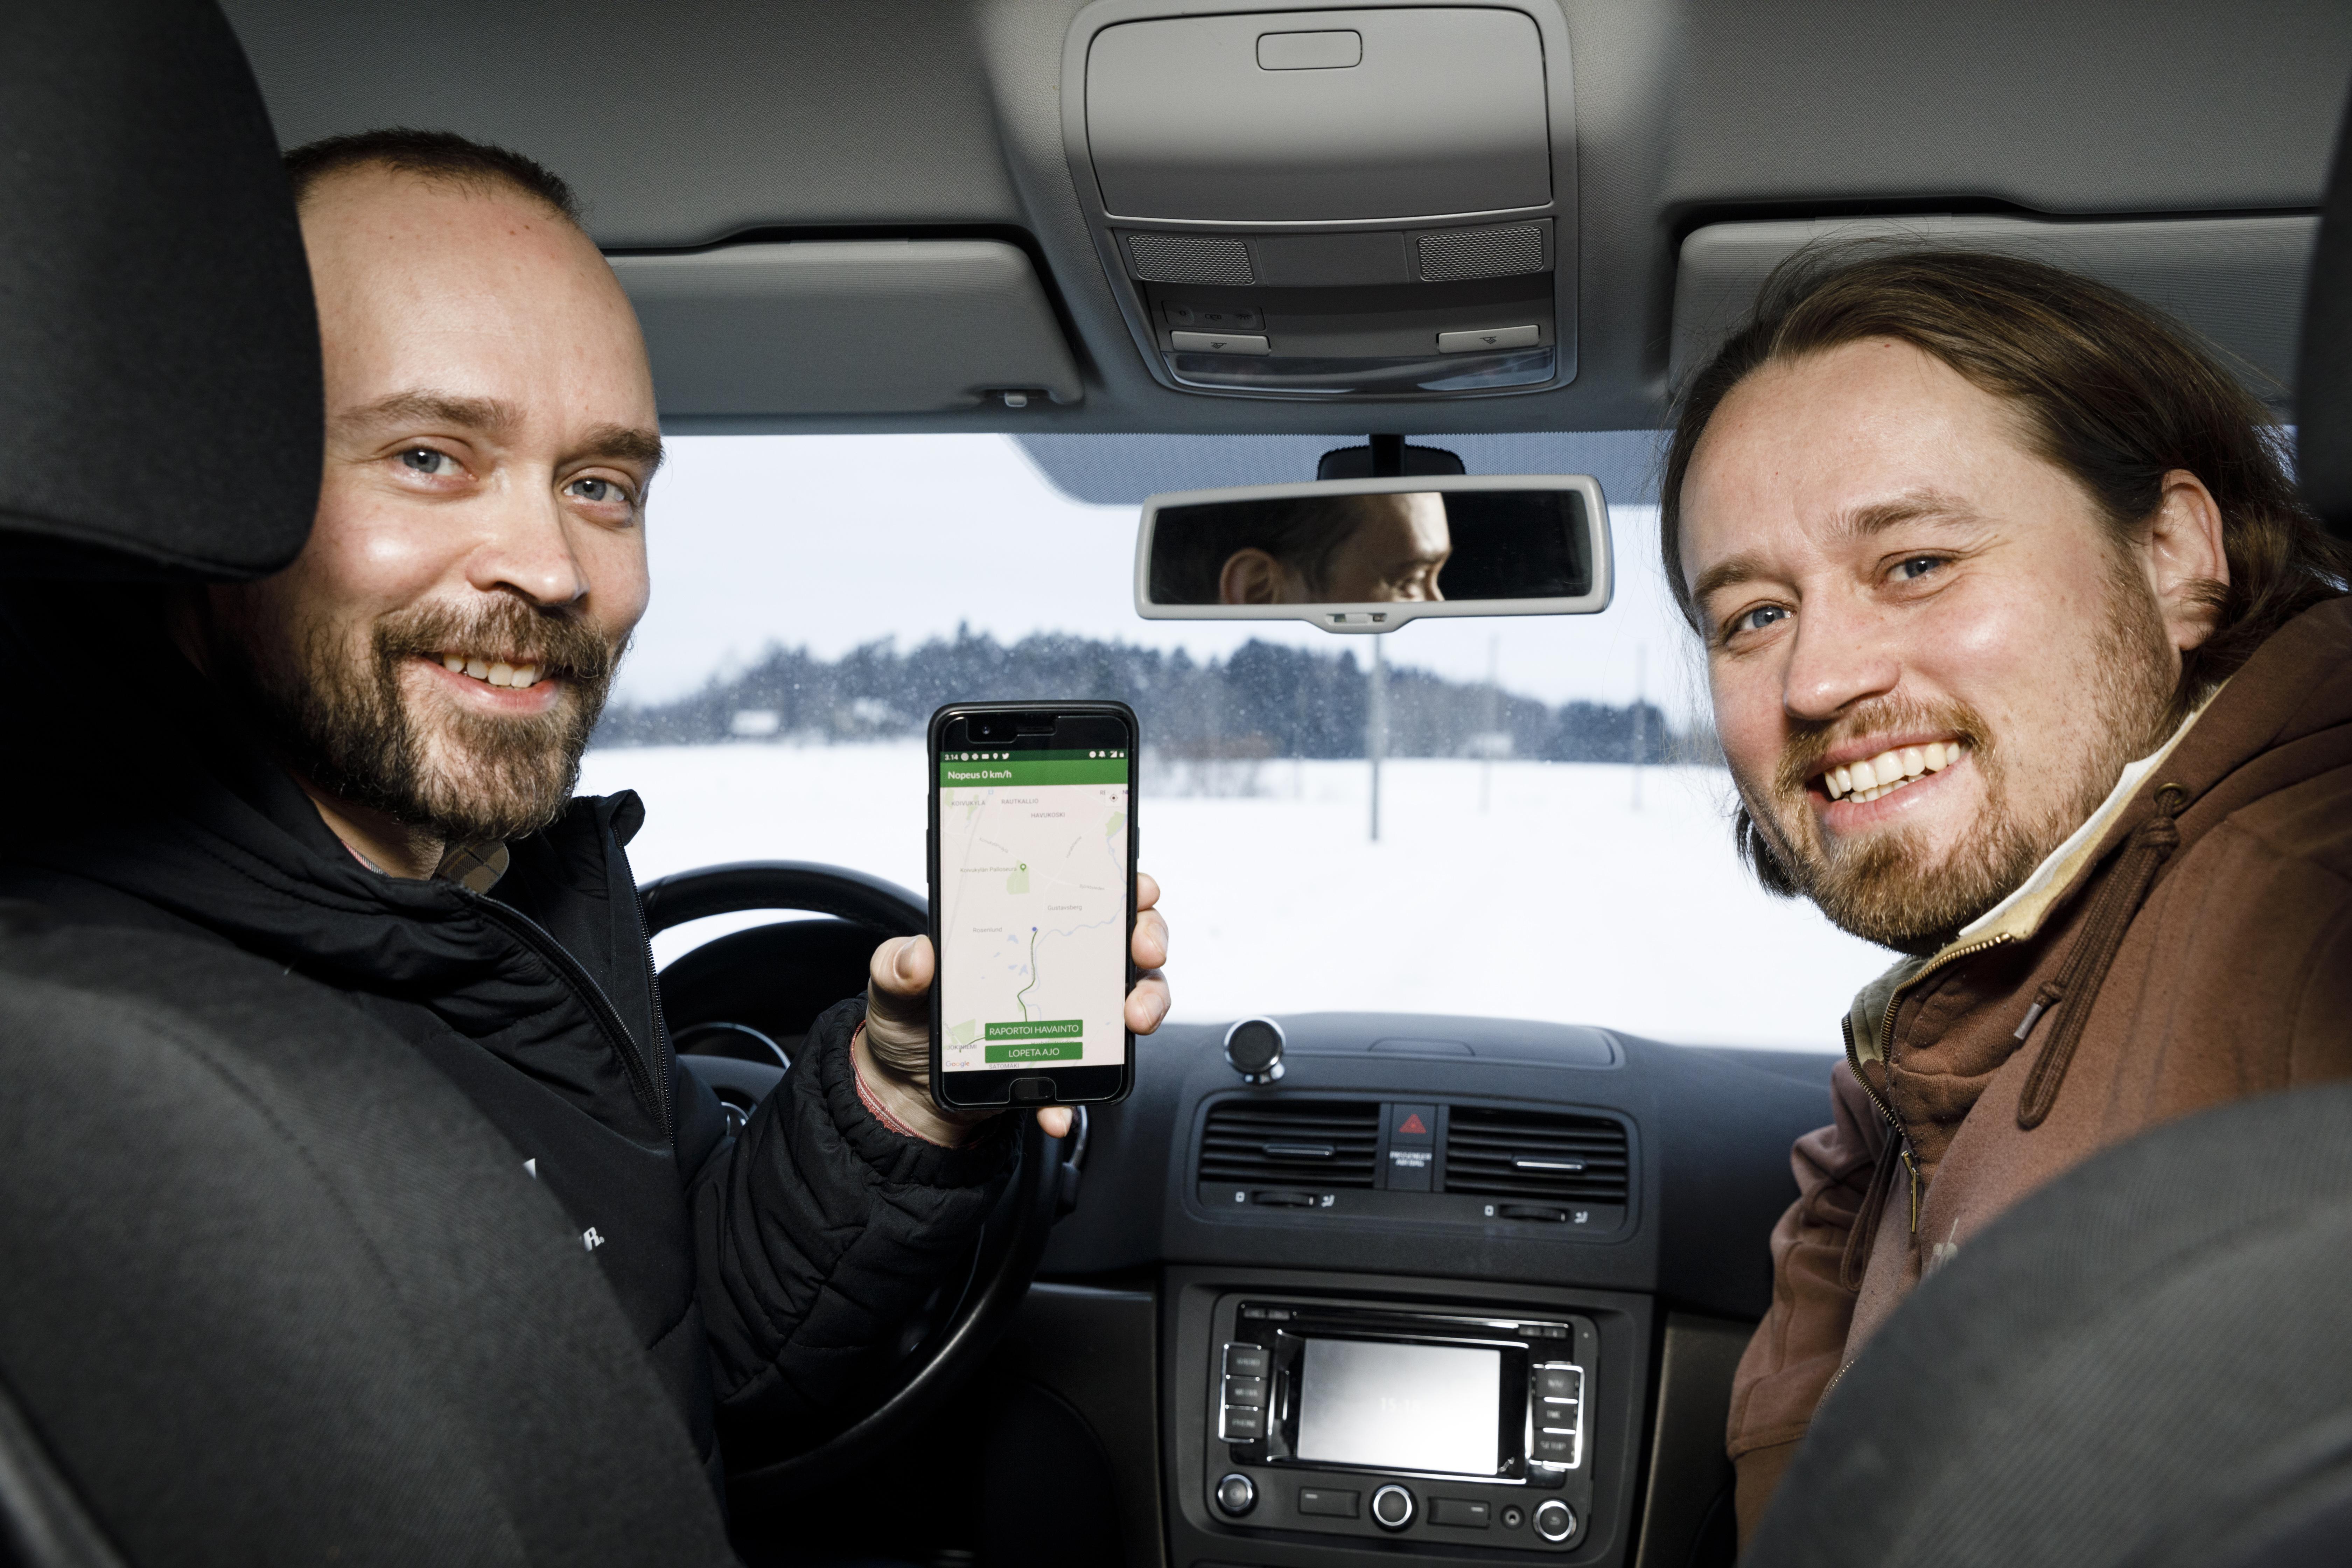 Metsään Tie -mobiilisovelluksen kehittäjät Jussi-Pekka Martikainen ja Antti Mattila RoadsML-yhtiöstä. Kuva: Seppo Samuli